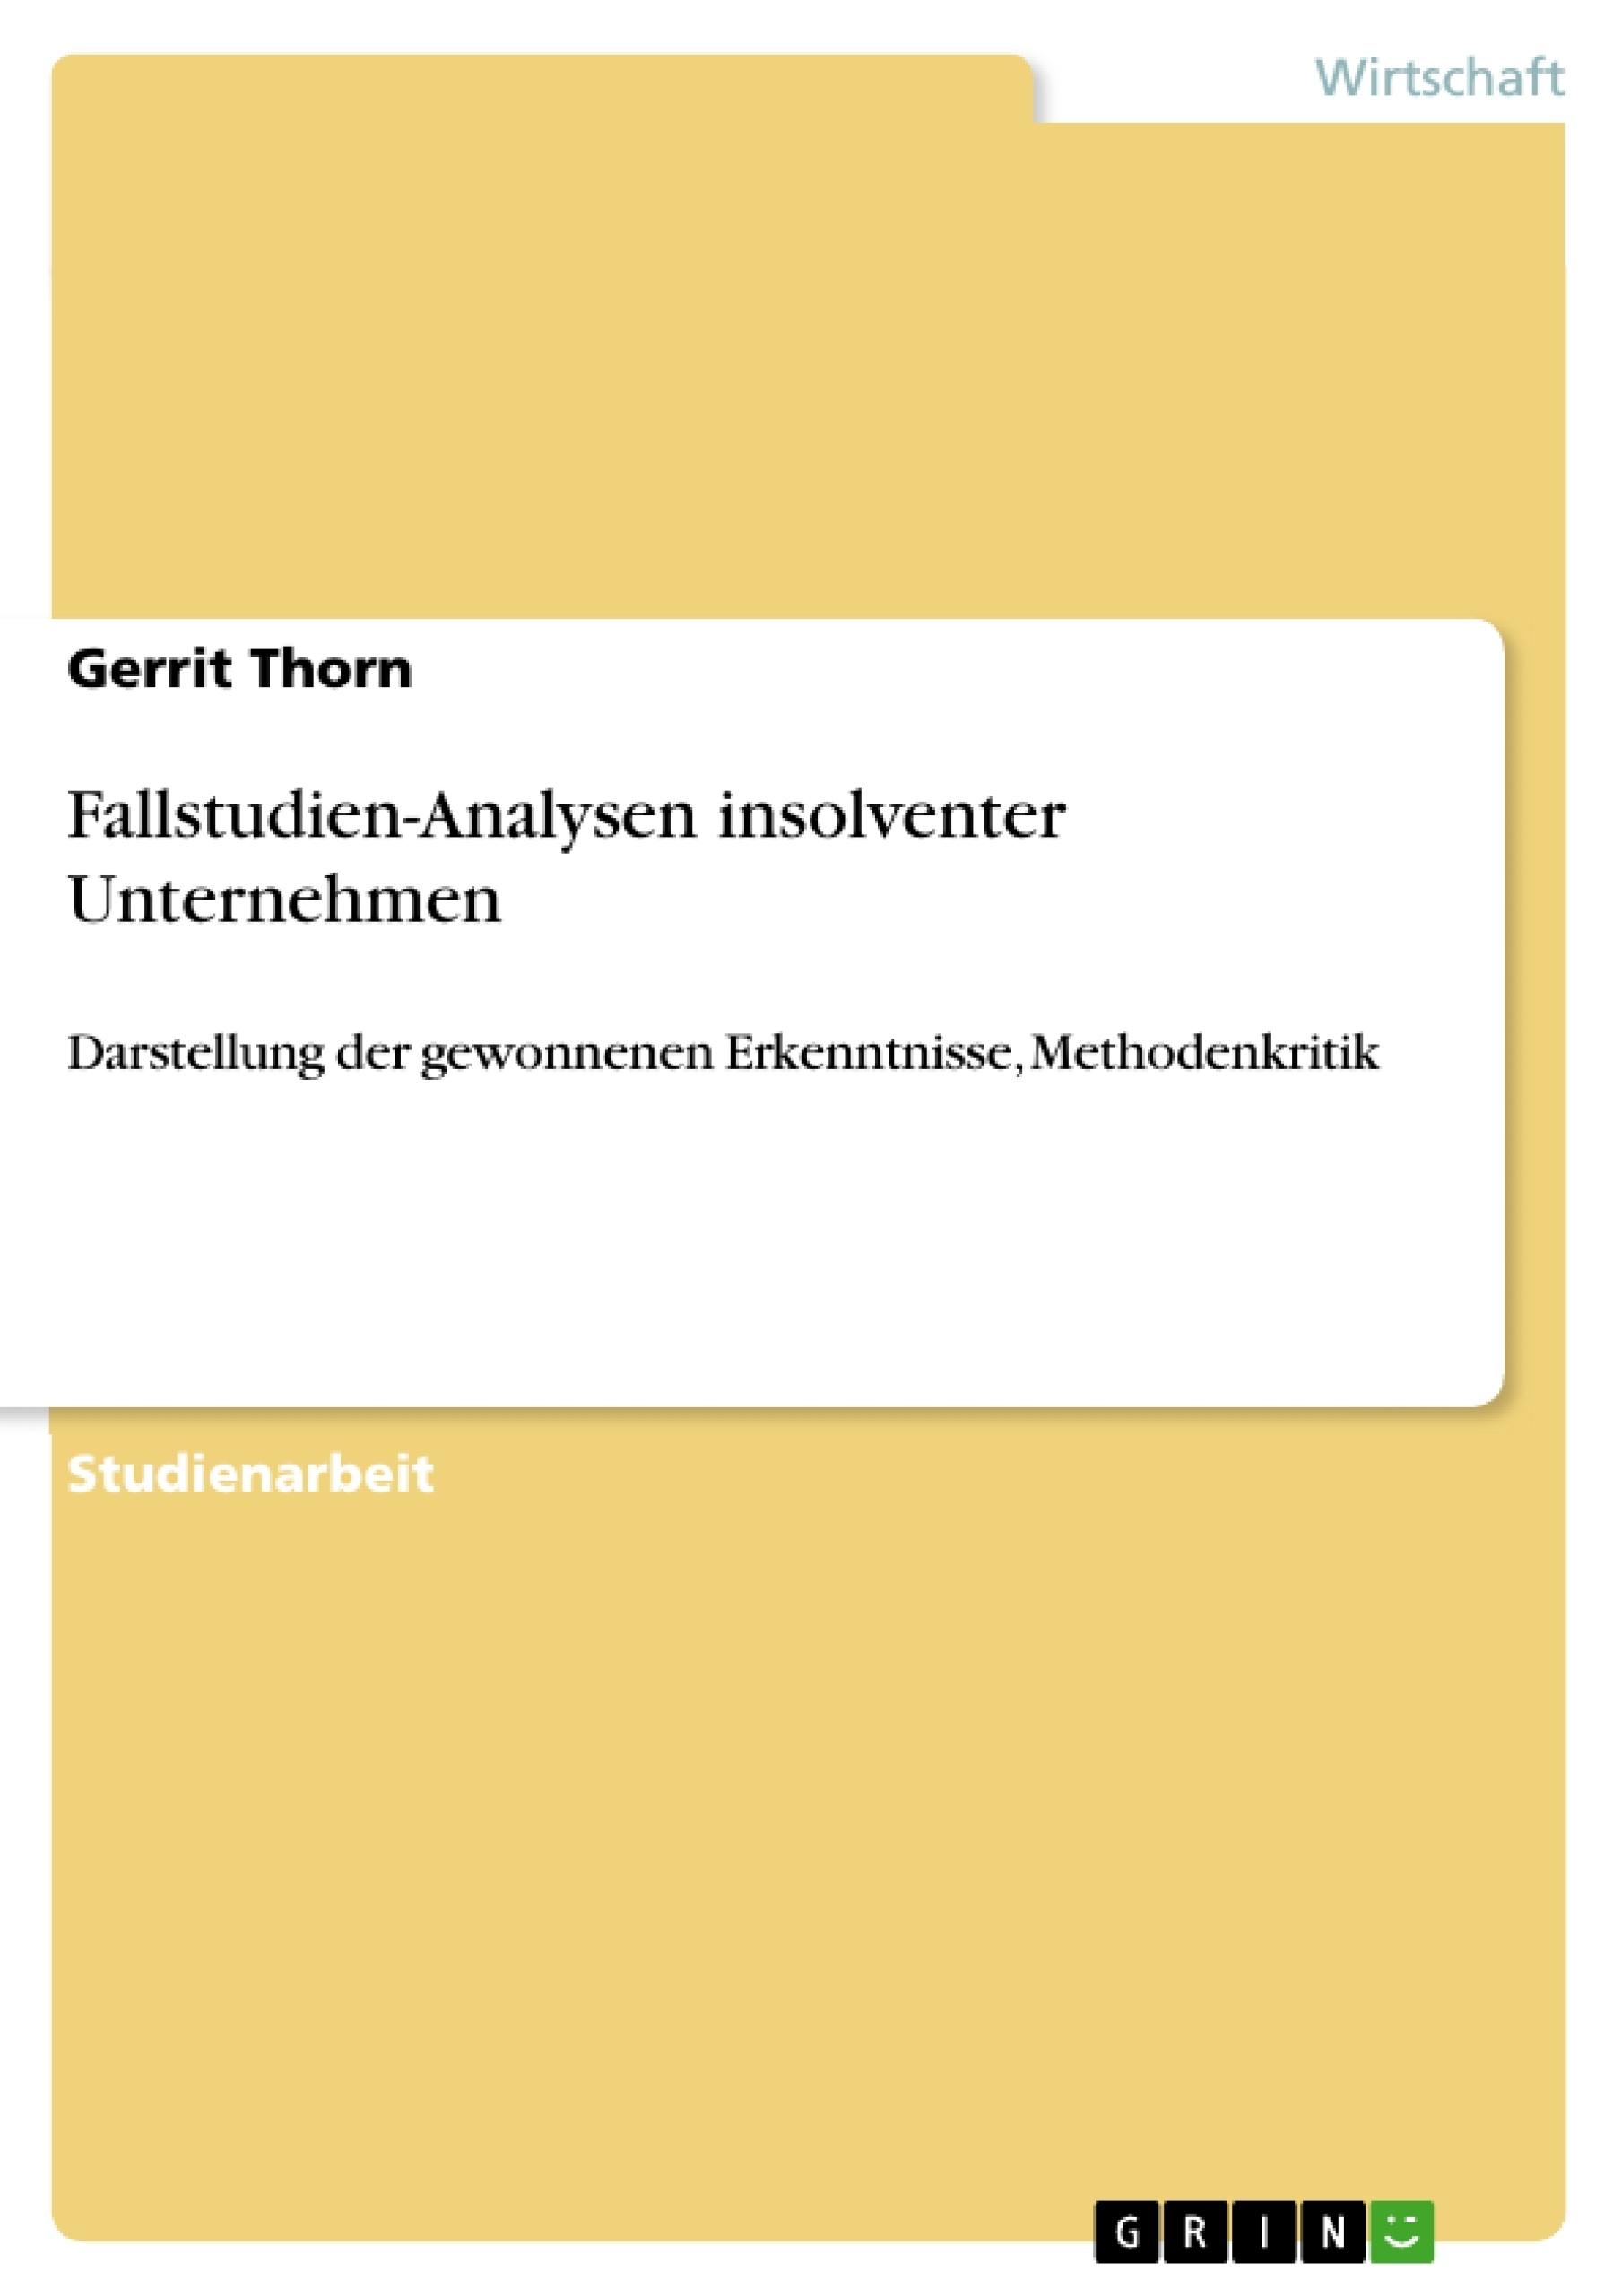 Titel: Fallstudien-Analysen insolventer Unternehmen